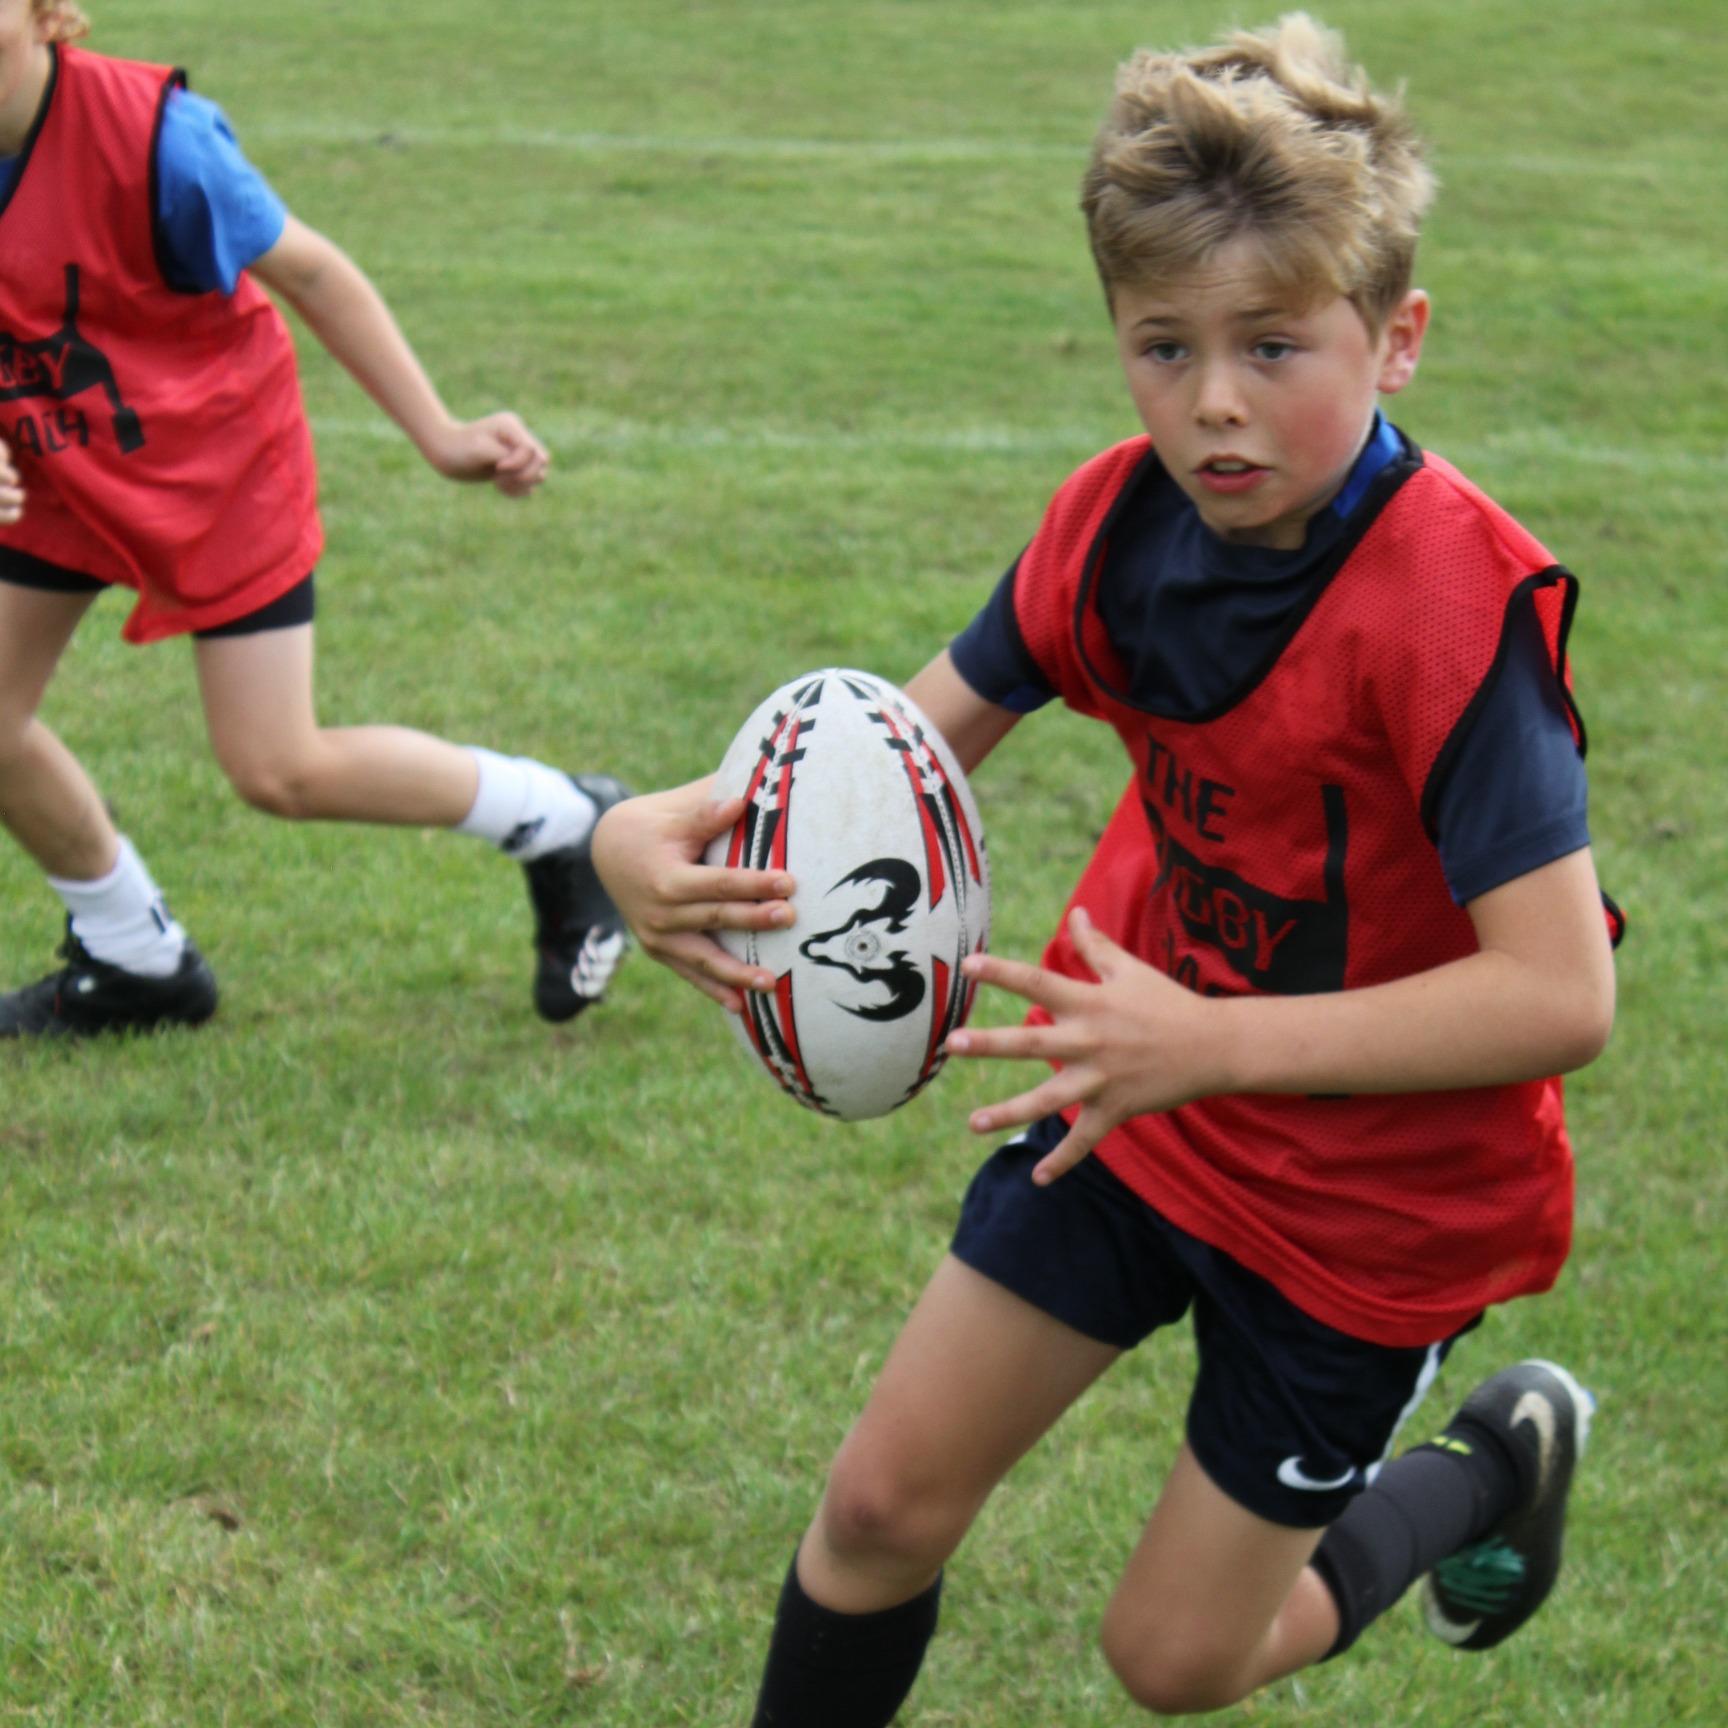 Rugby Skills Academy